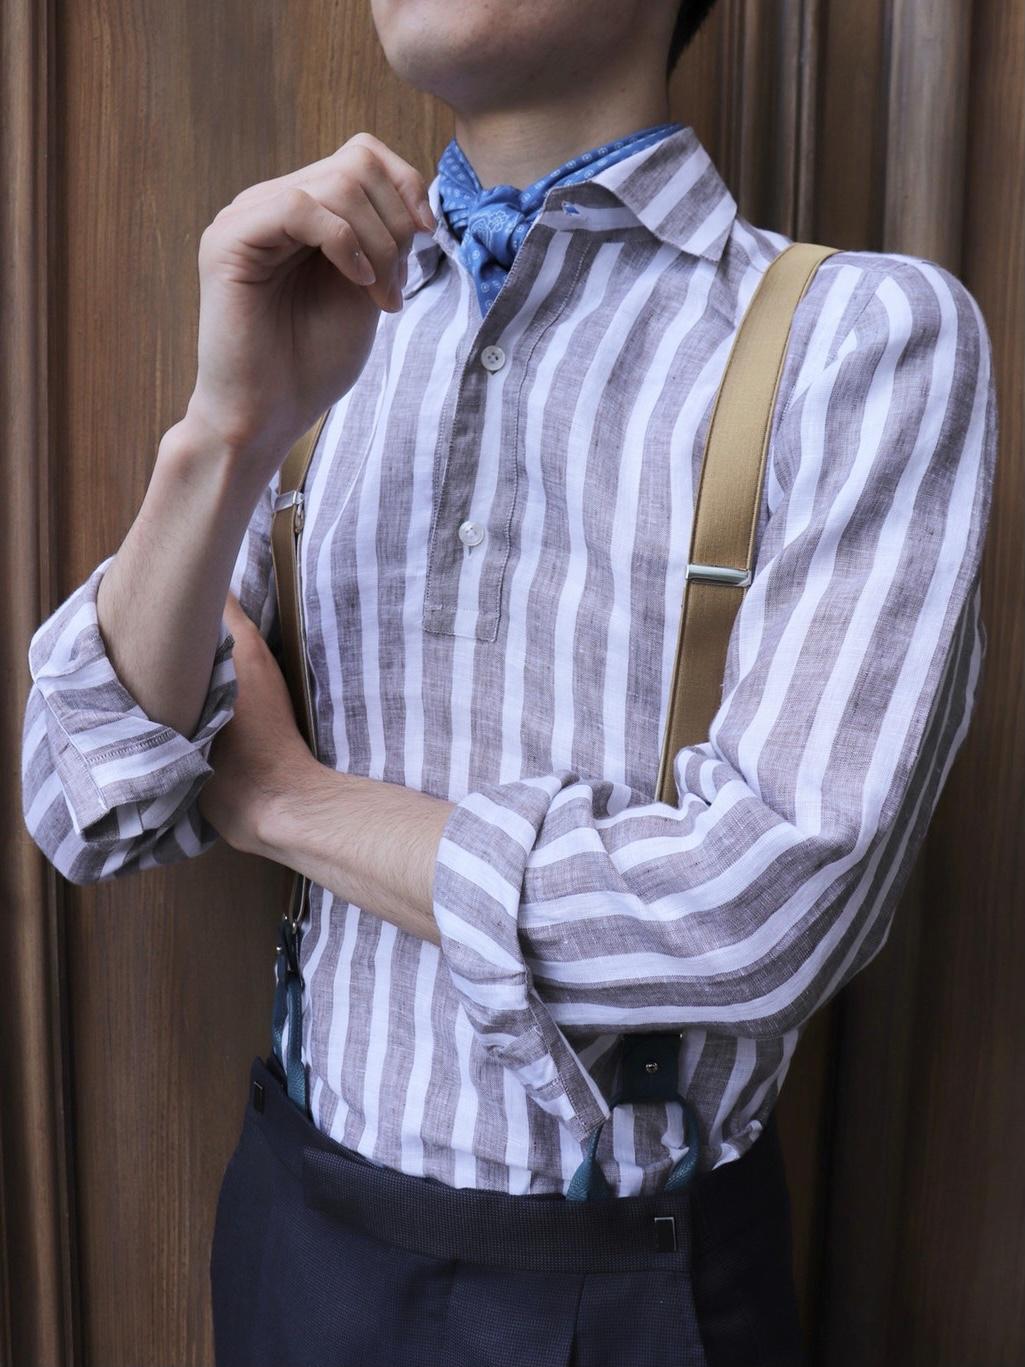 ザトリートドレッシングがお勧めするスカーフが目を惹く夏のお式に向けたサスペンダースタイル